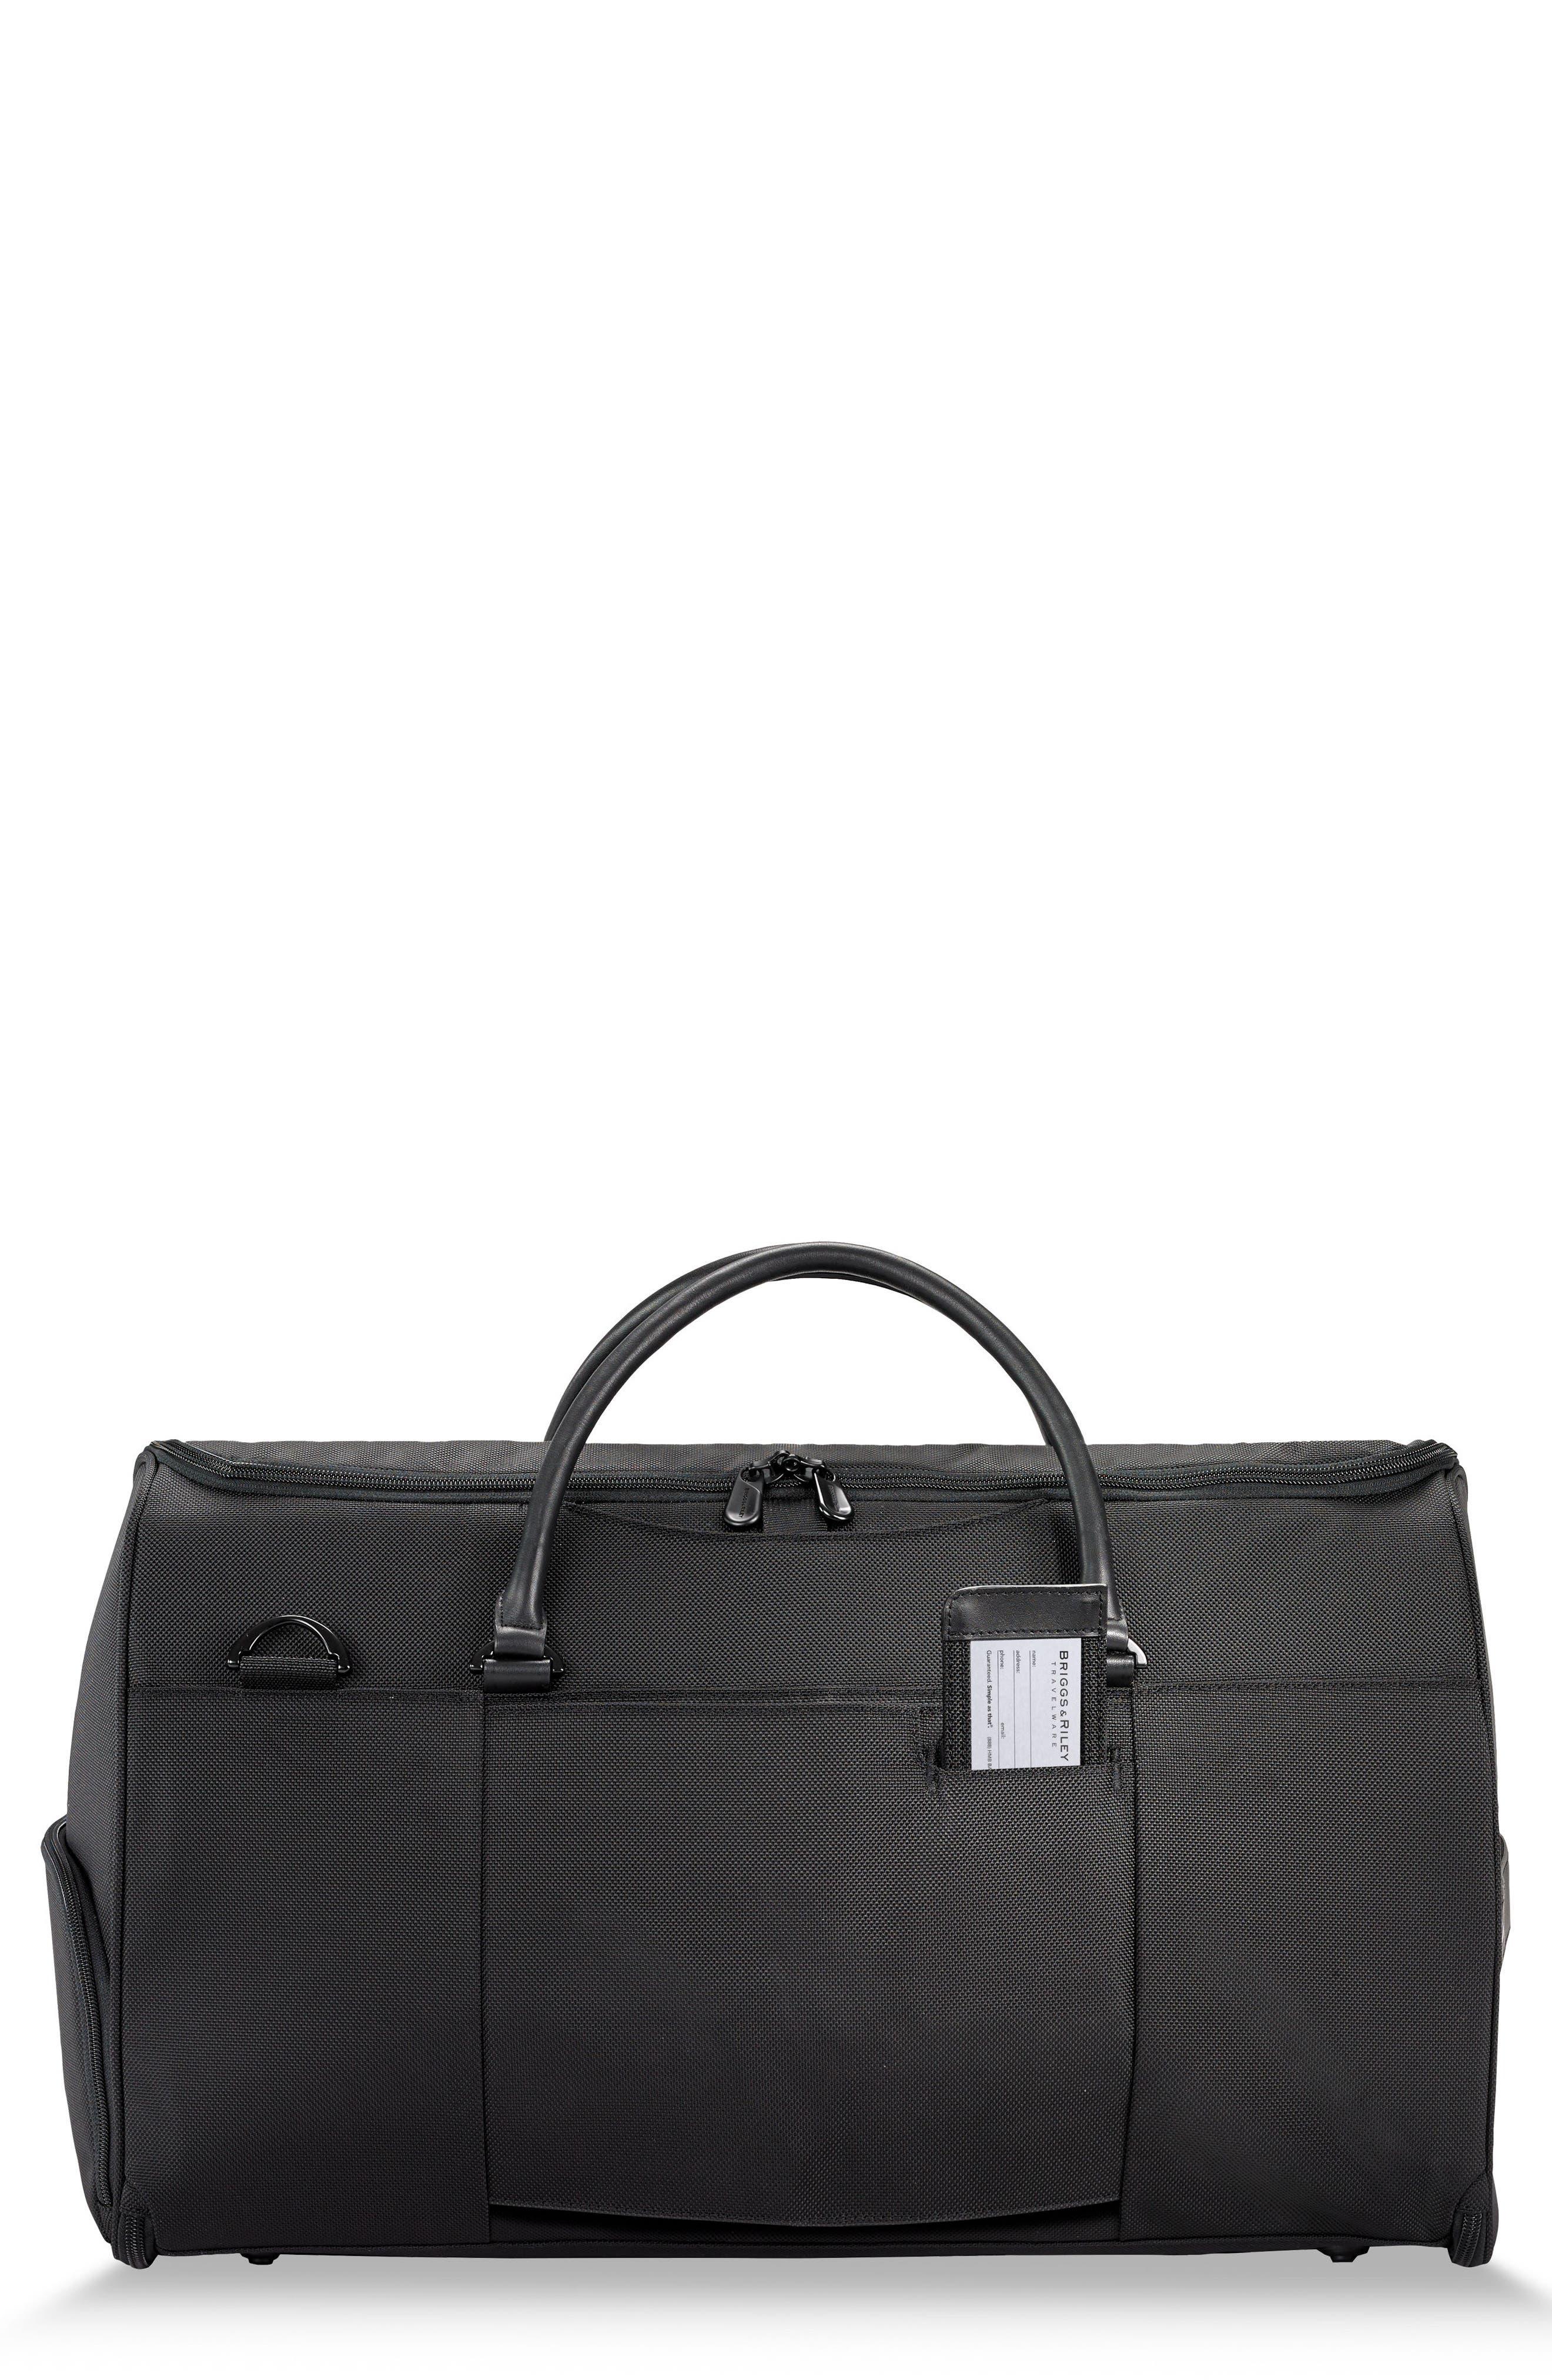 Baseline Suiter Duffle Bag, Main, color, BLACK